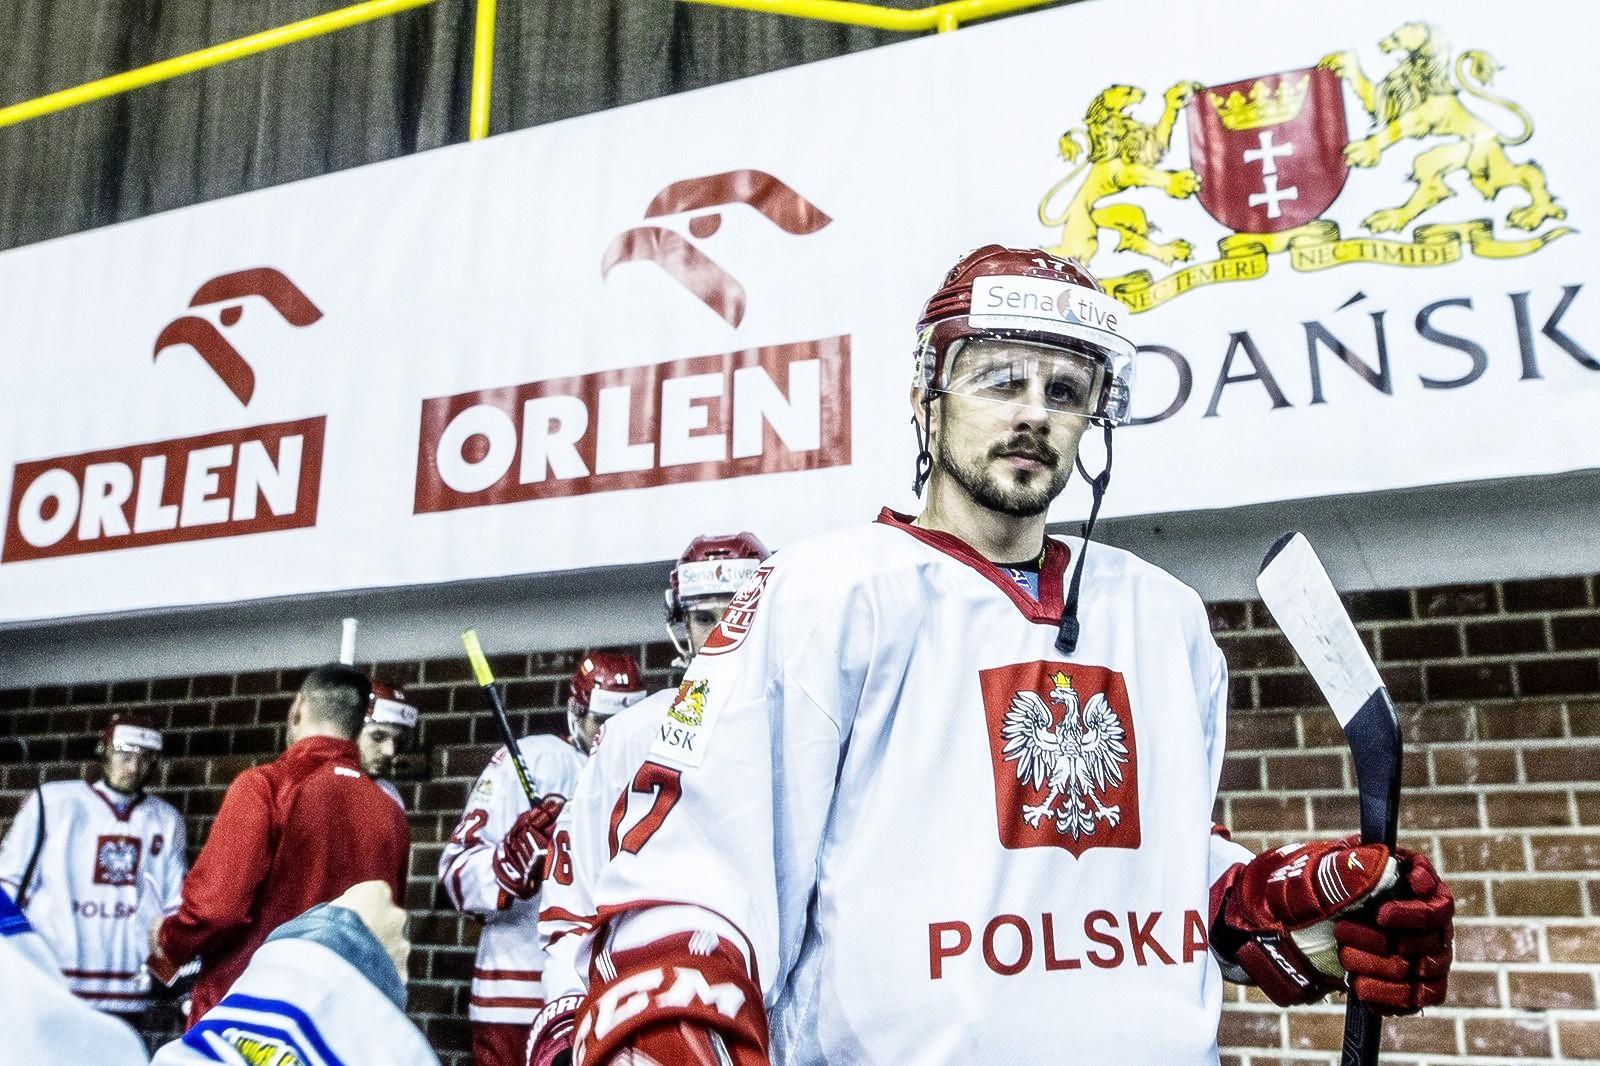 reprezentacja polski w hokeju015